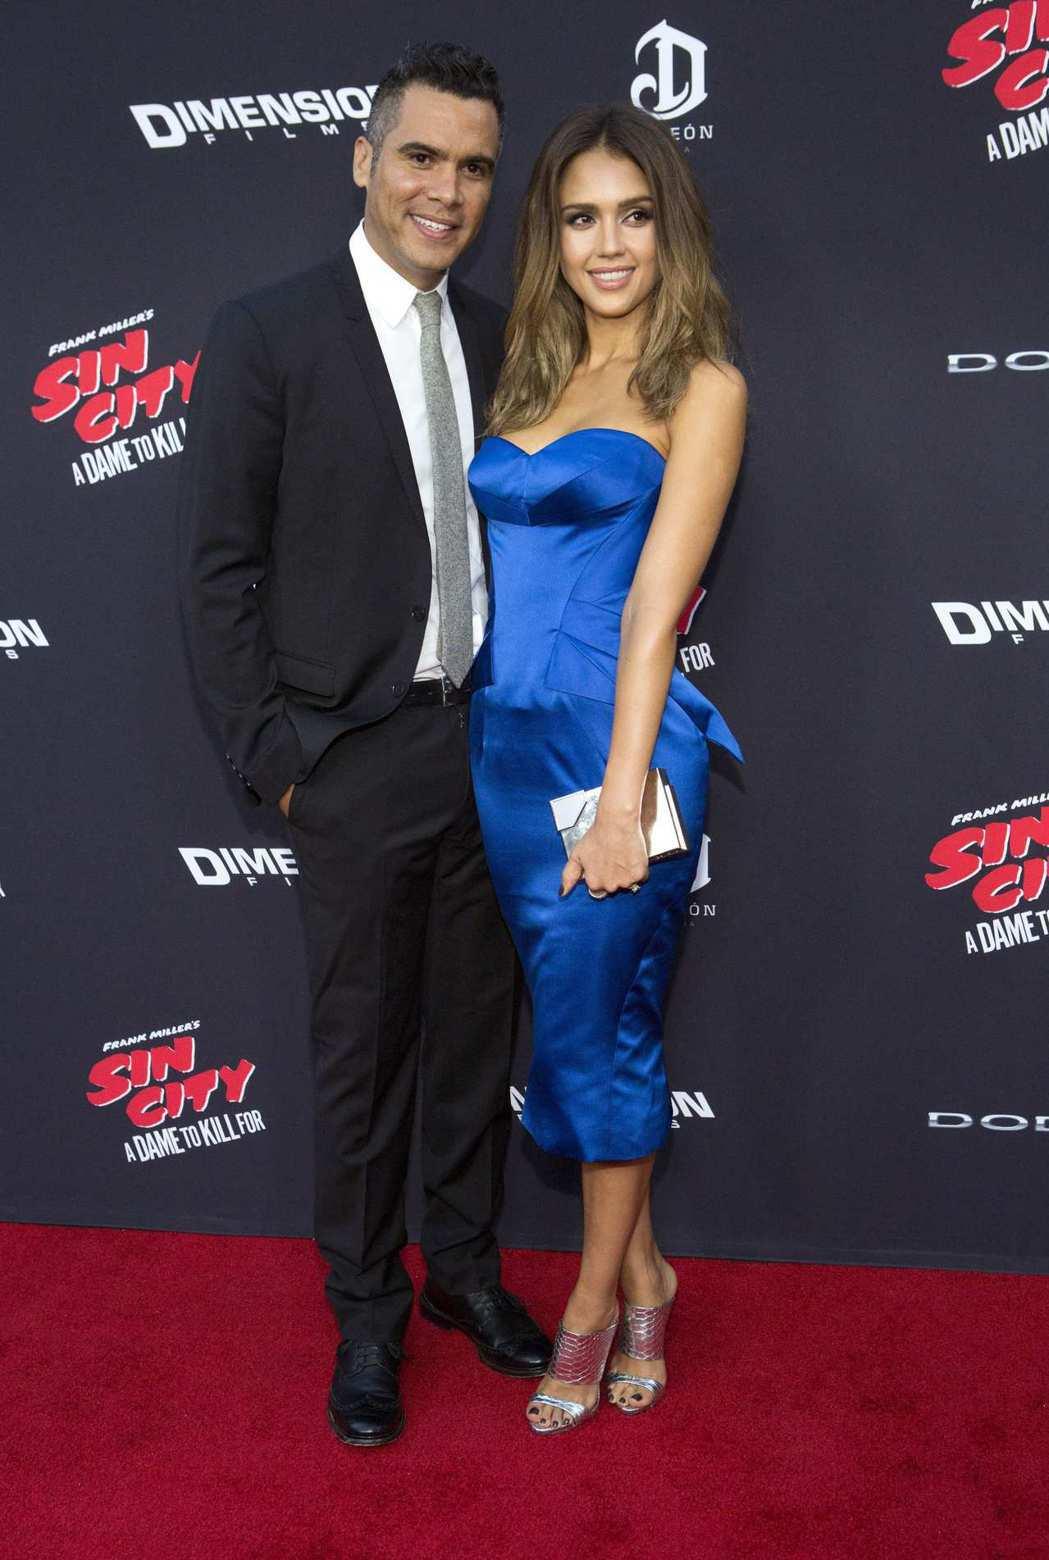 潔西卡艾芭與丈夫凱許華倫是娛樂圈的恩愛夫妻。圖/路透資料照片